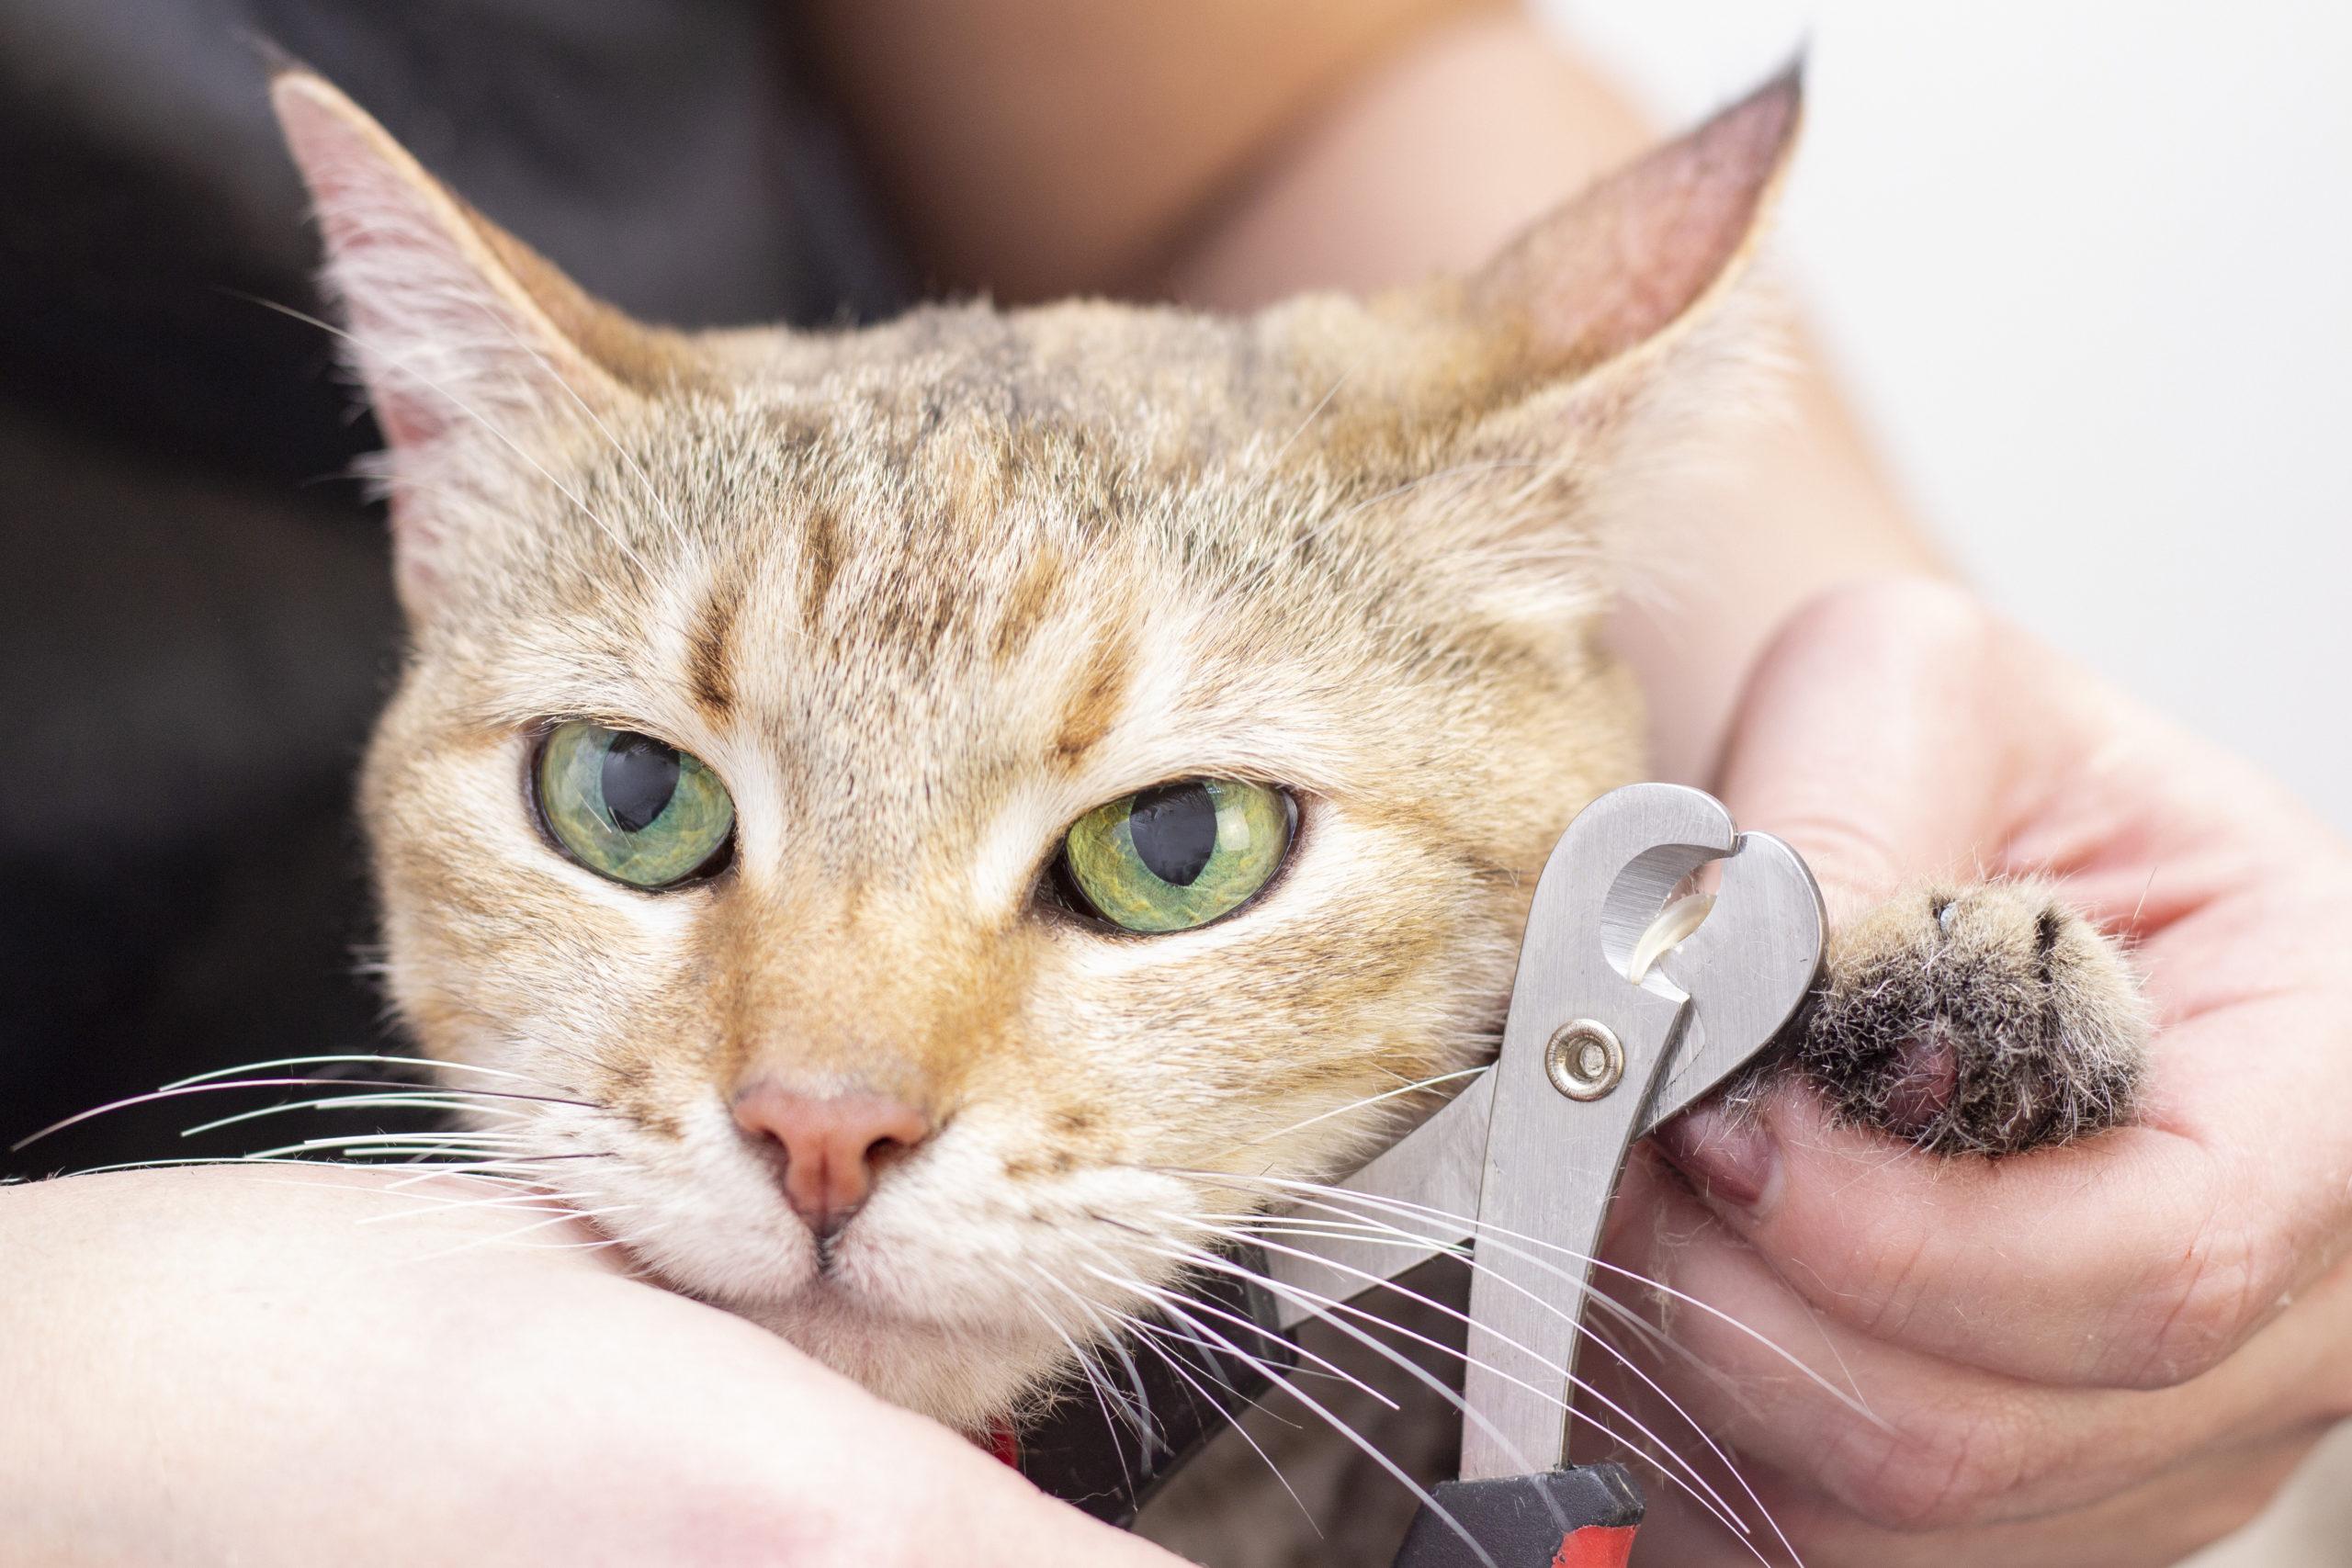 猫の爪切り動画集【猫の爪切りの仕方を動画で学びましょう】